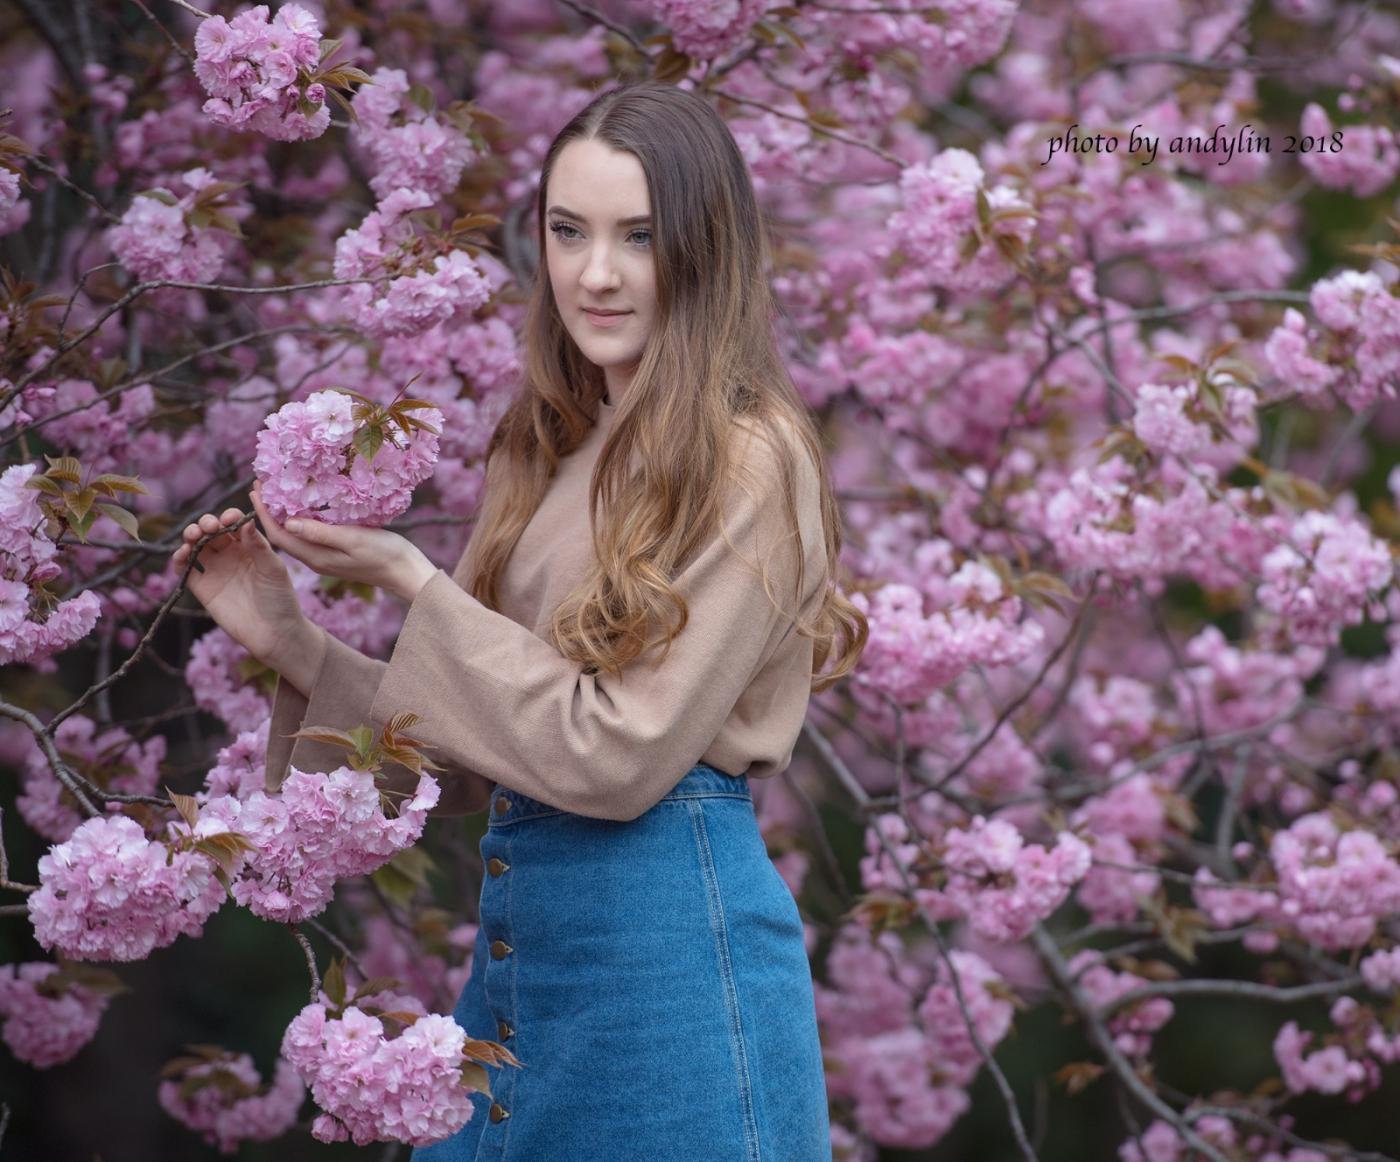 春暖花开,植物园美少女抓拍_图1-8